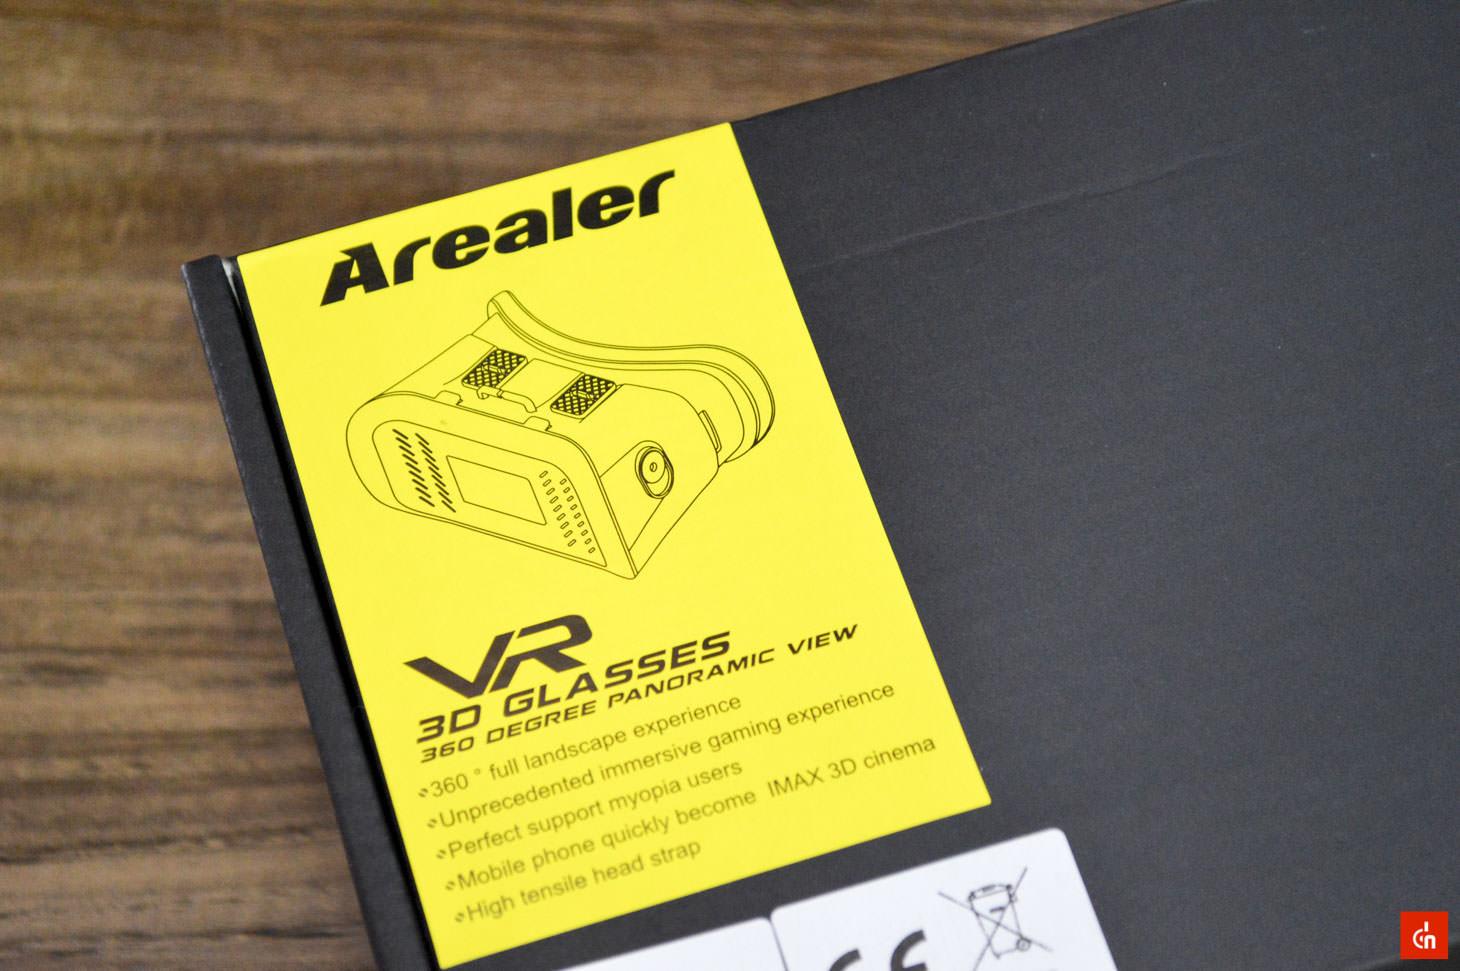 001_20160710_arealer-vr-glasses